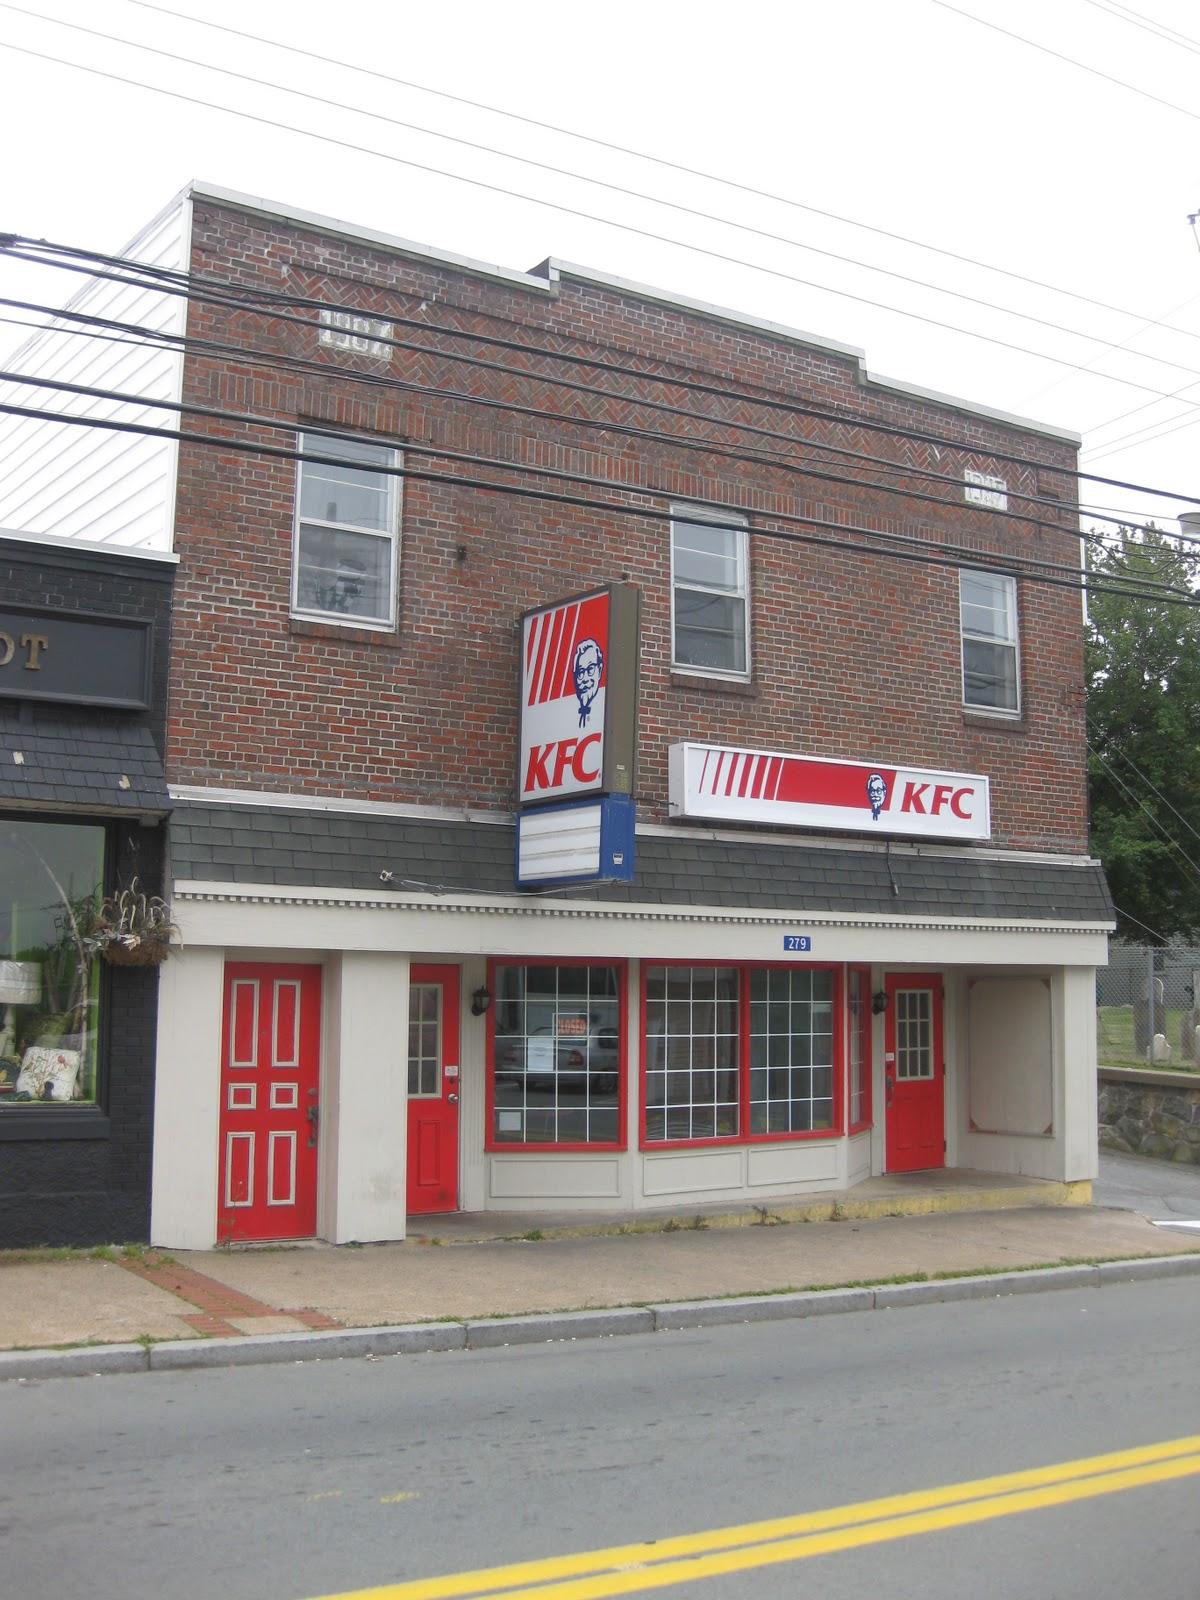 Tim's Queen's County Blog: Kentucky Fried Chicken ...